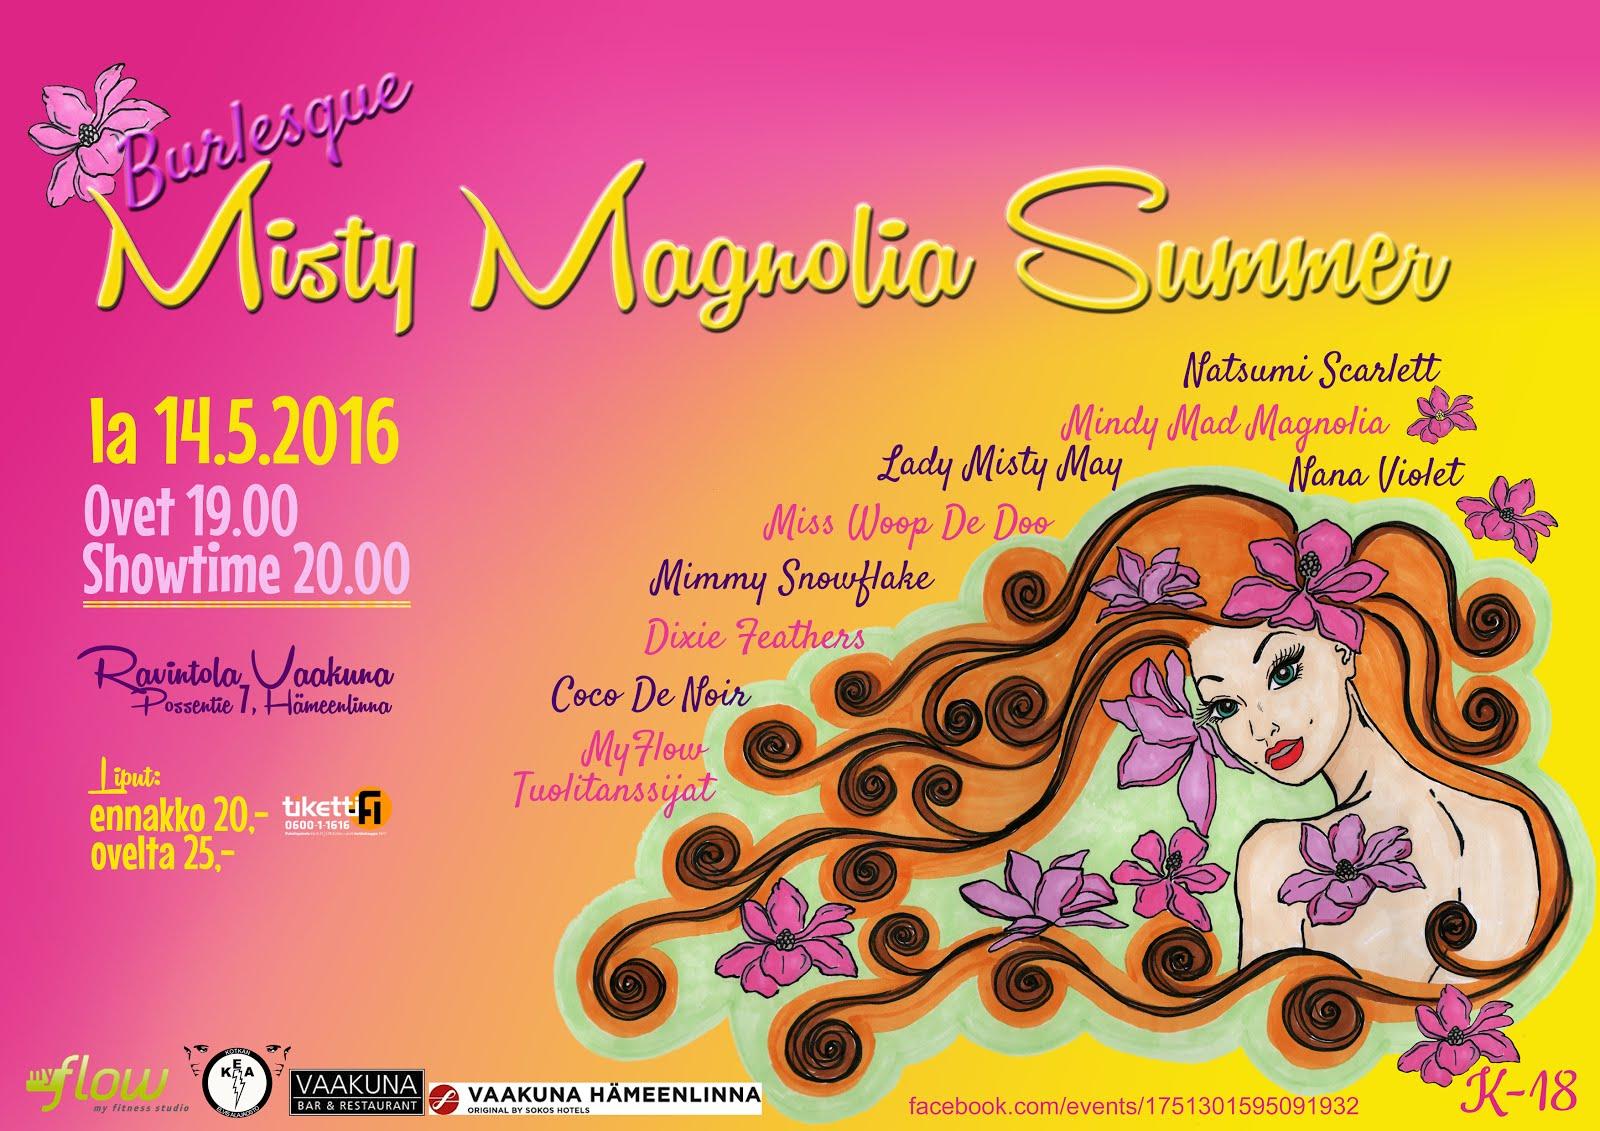 Misty Magnolia Summer 14.5.2016 Hämeenlinnassa